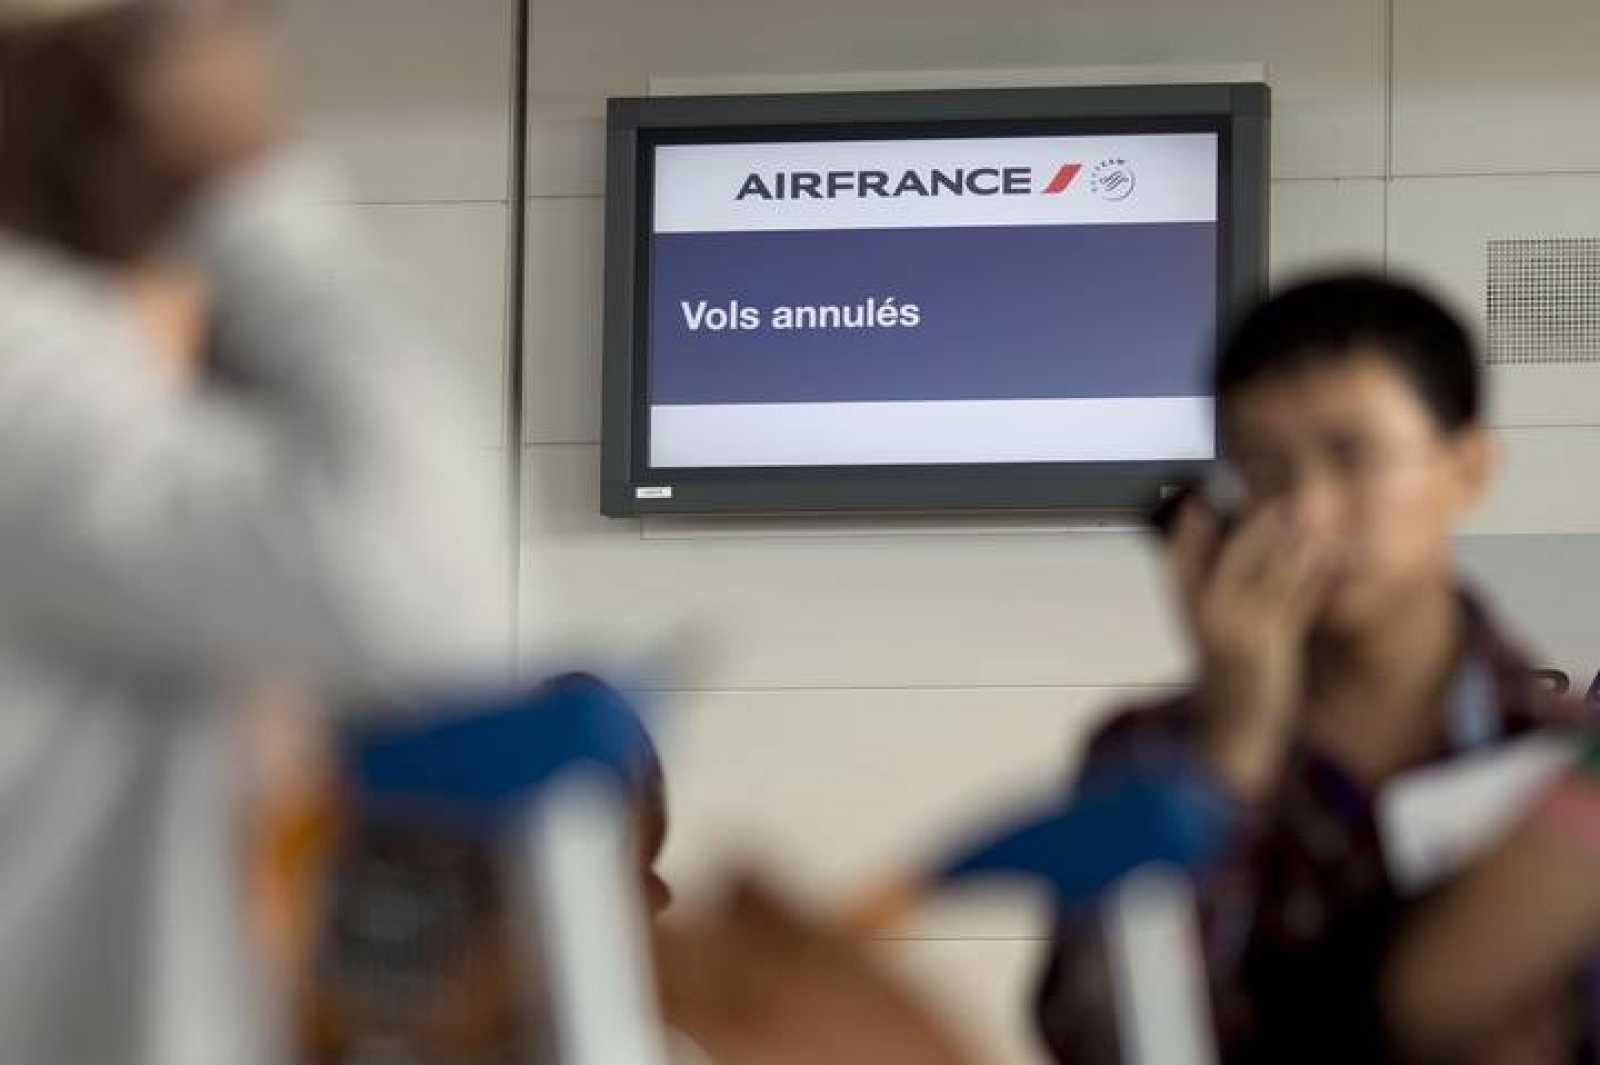 """""""Vuelos cancelados"""", se lee en una pantalla del aeropuerto parisino Charles de Gaulle"""